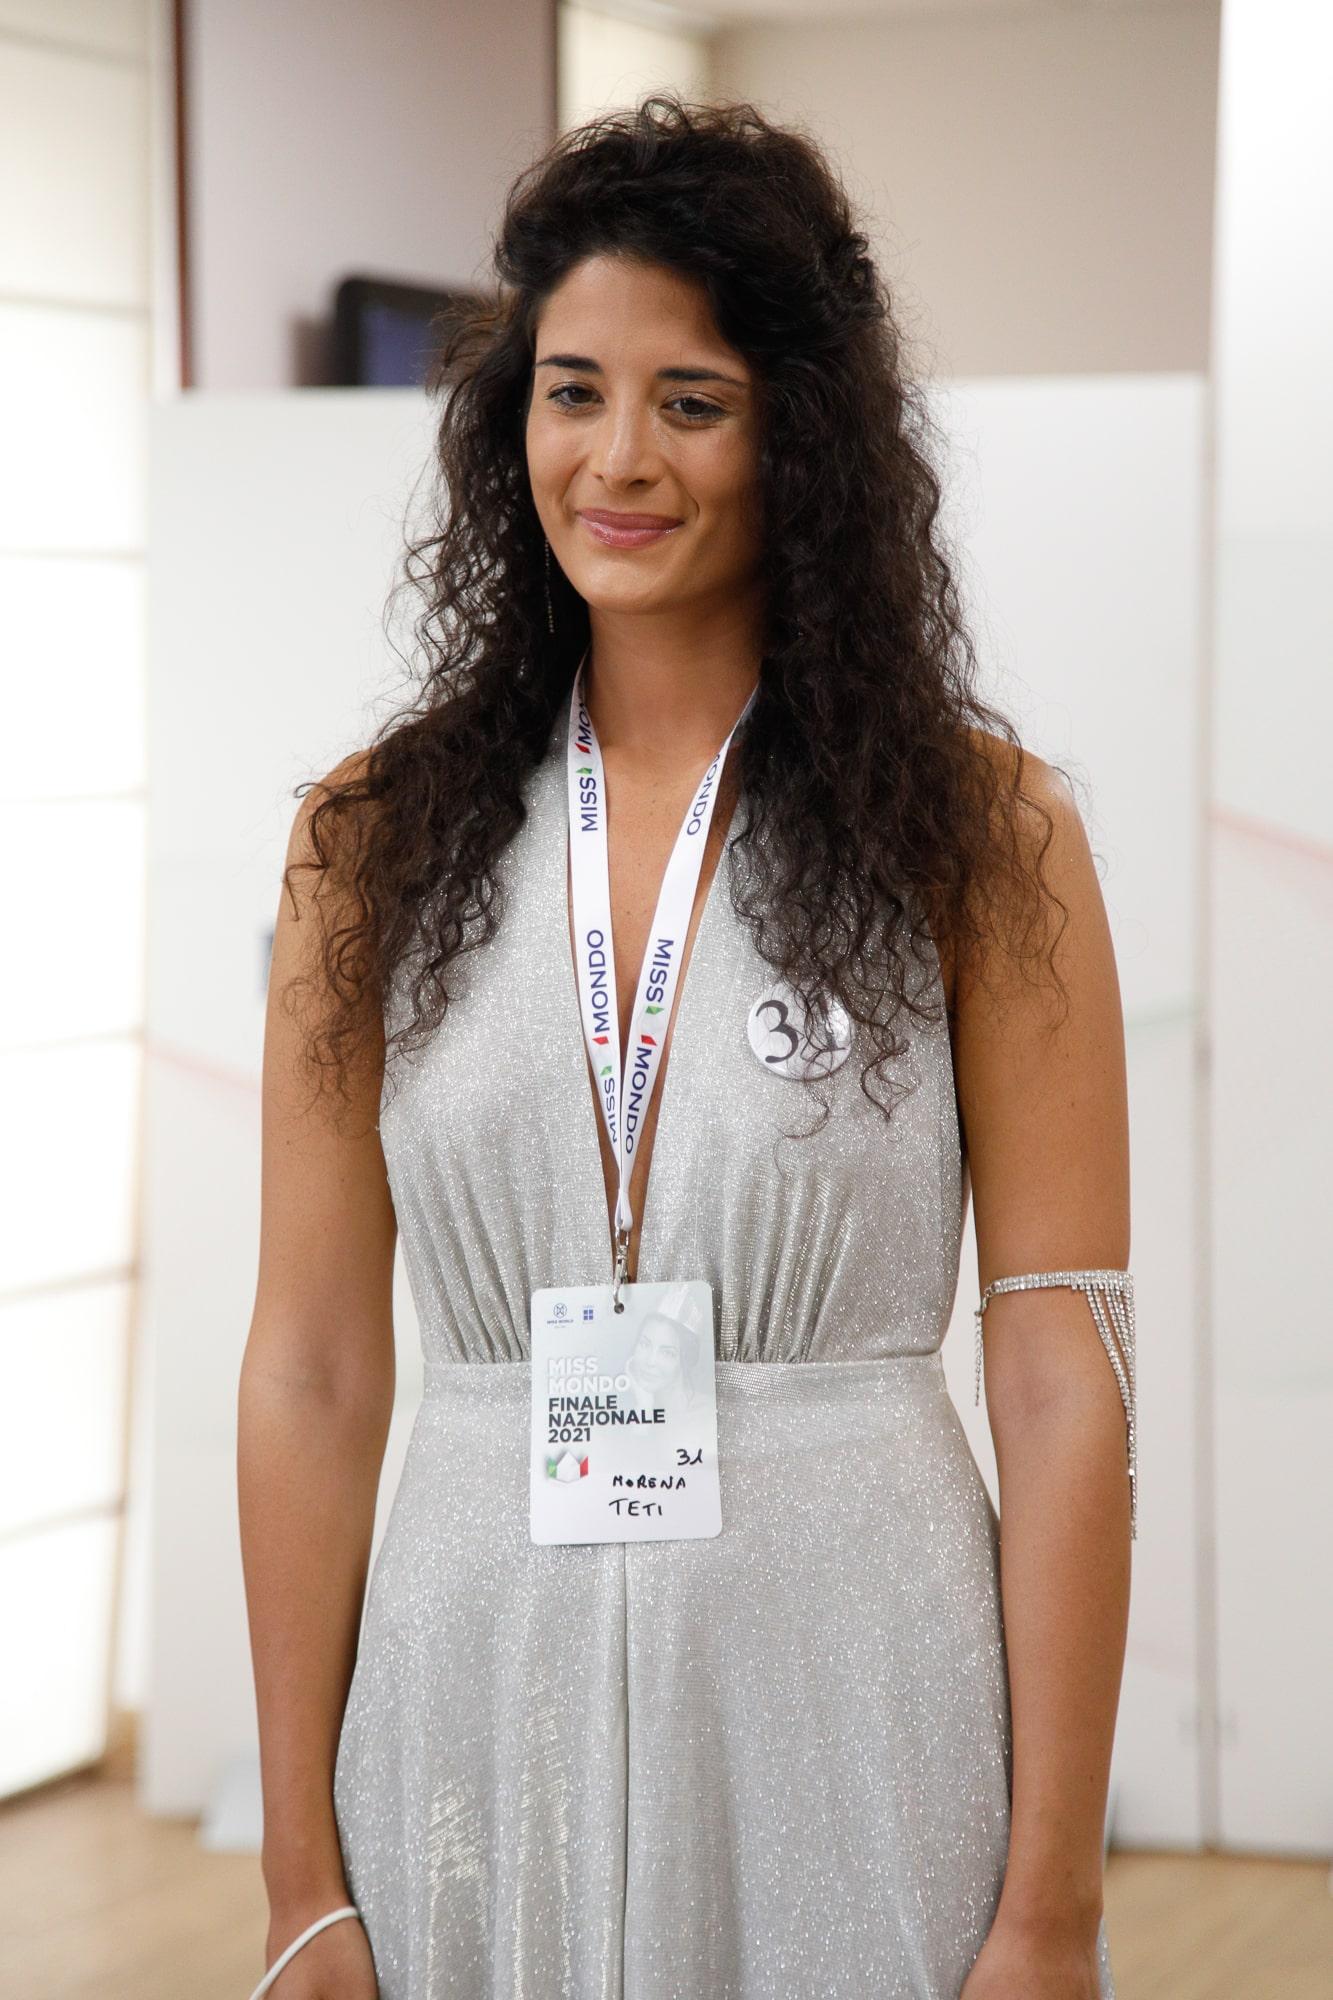 Secondo passaggio giuria per le ragazze di Missmondo Italia 2021 - 3